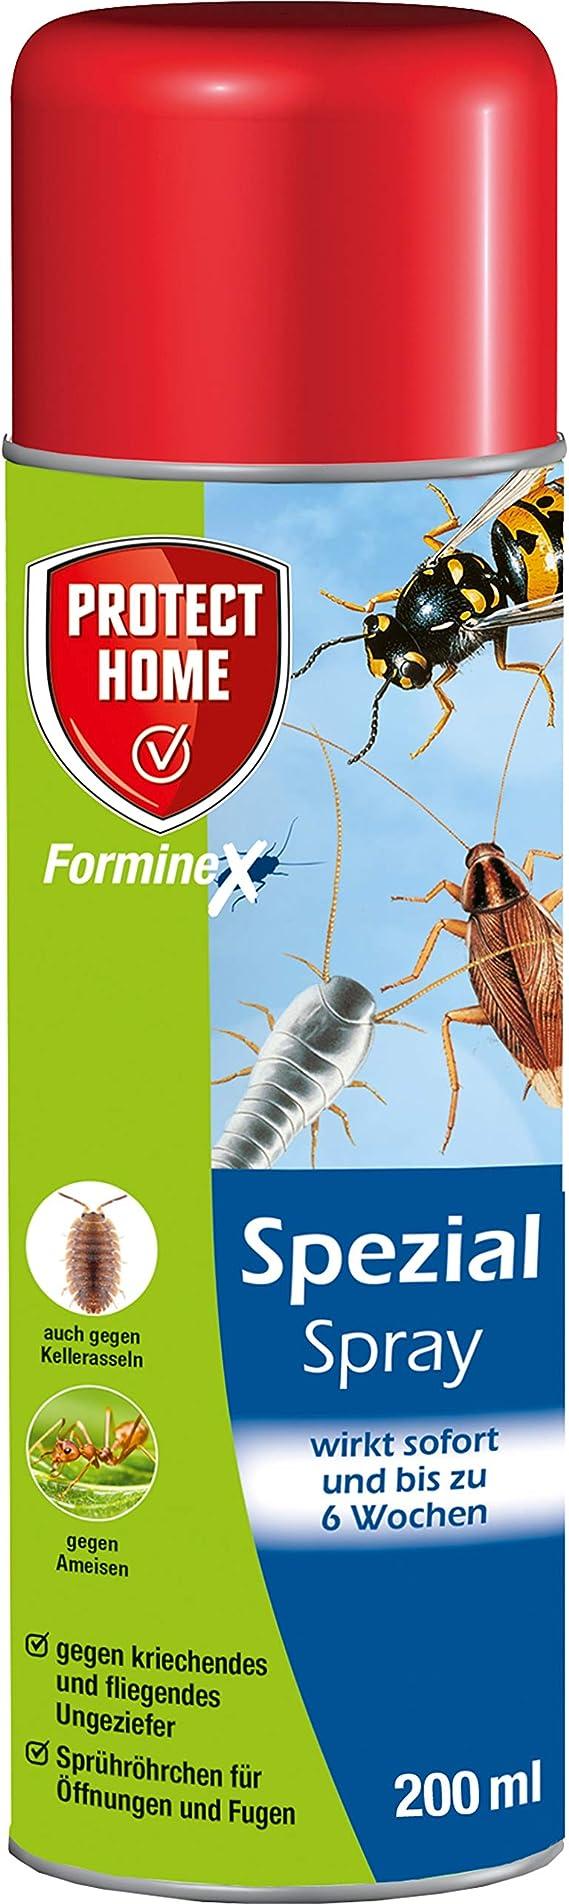 Protect Home Forminex Spezial Spray Gegen Kriechendes Fliegendes Ungeziefer Ehem Bayer Garten Blattanex 200 Ml Amazon De Garten